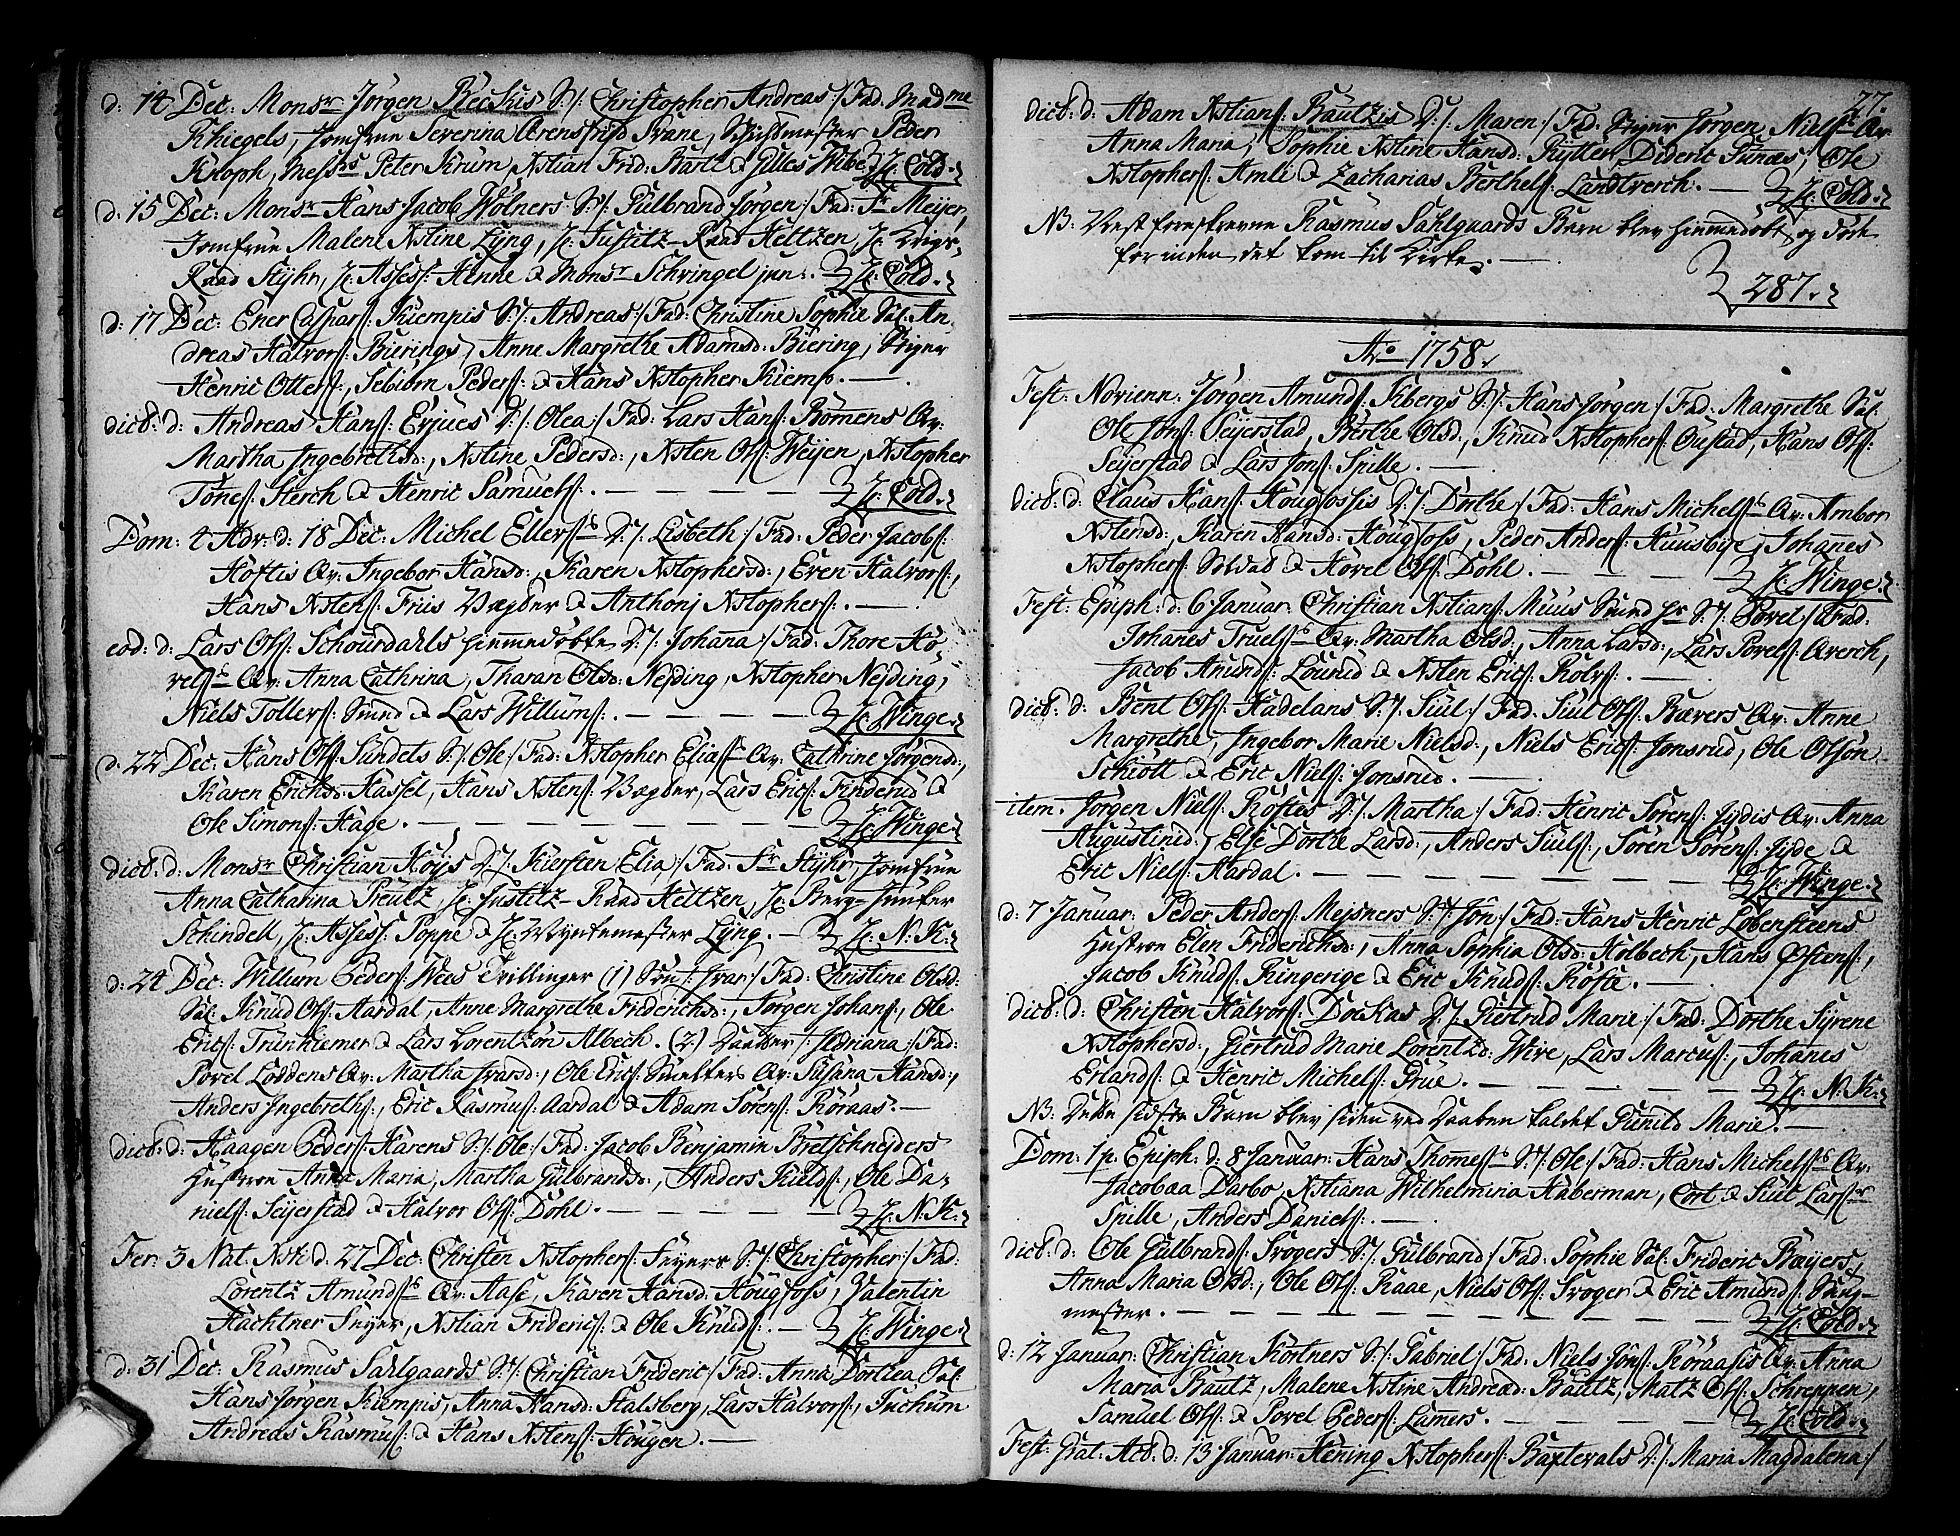 SAKO, Kongsberg kirkebøker, F/Fa/L0004: Ministerialbok nr. I 4, 1756-1768, s. 27